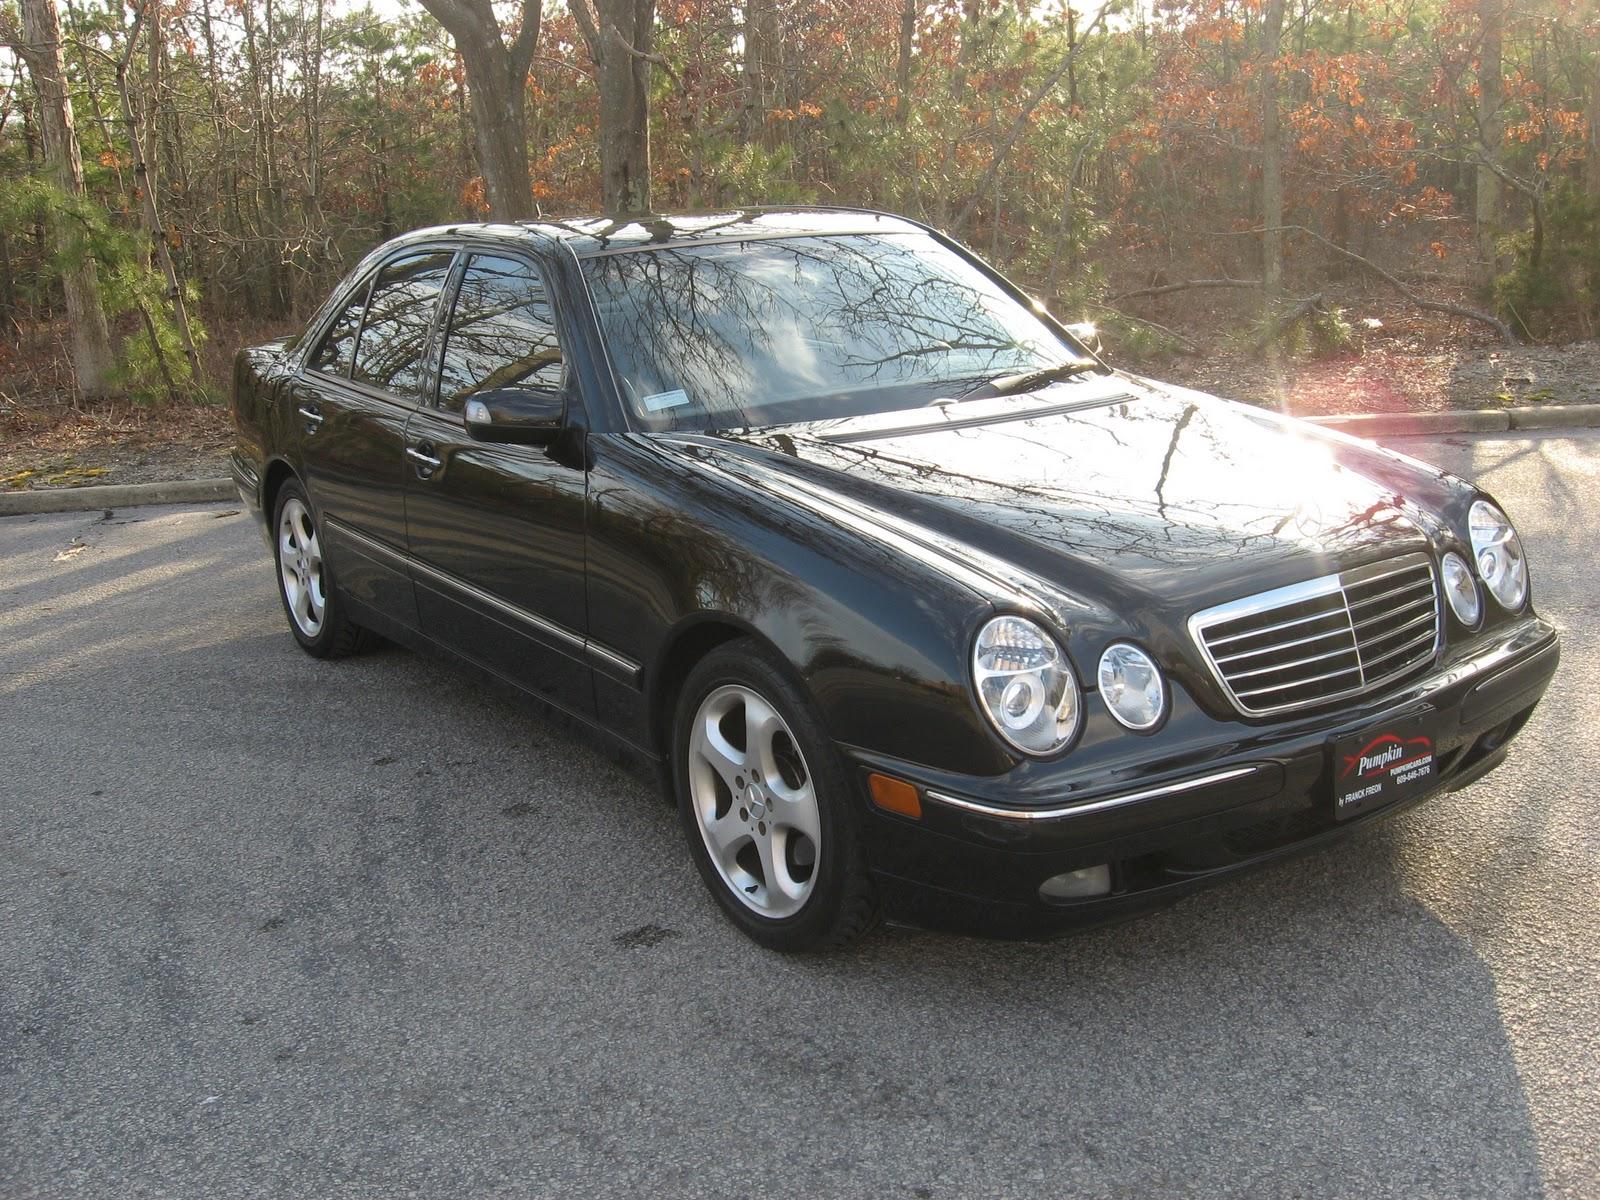 pumpkin fine cars and exotics 2002 mercedes benz e320. Black Bedroom Furniture Sets. Home Design Ideas